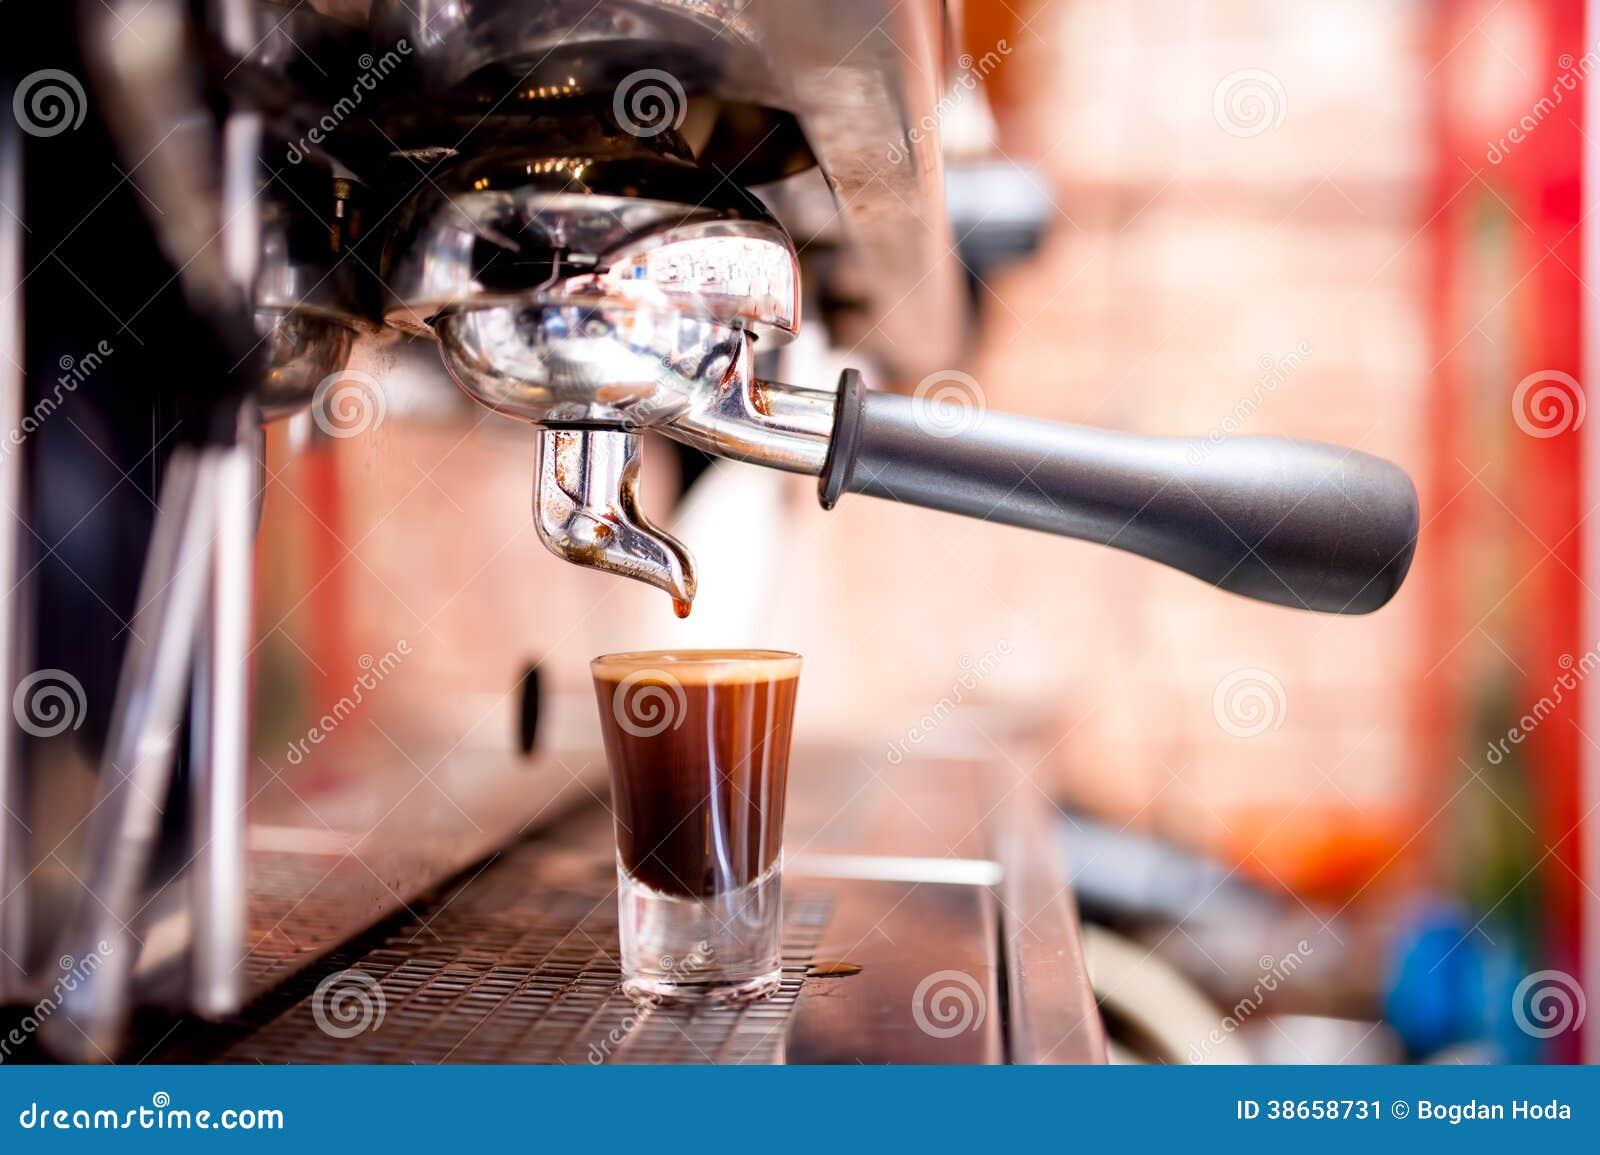 做特别浓咖啡的煮浓咖啡器